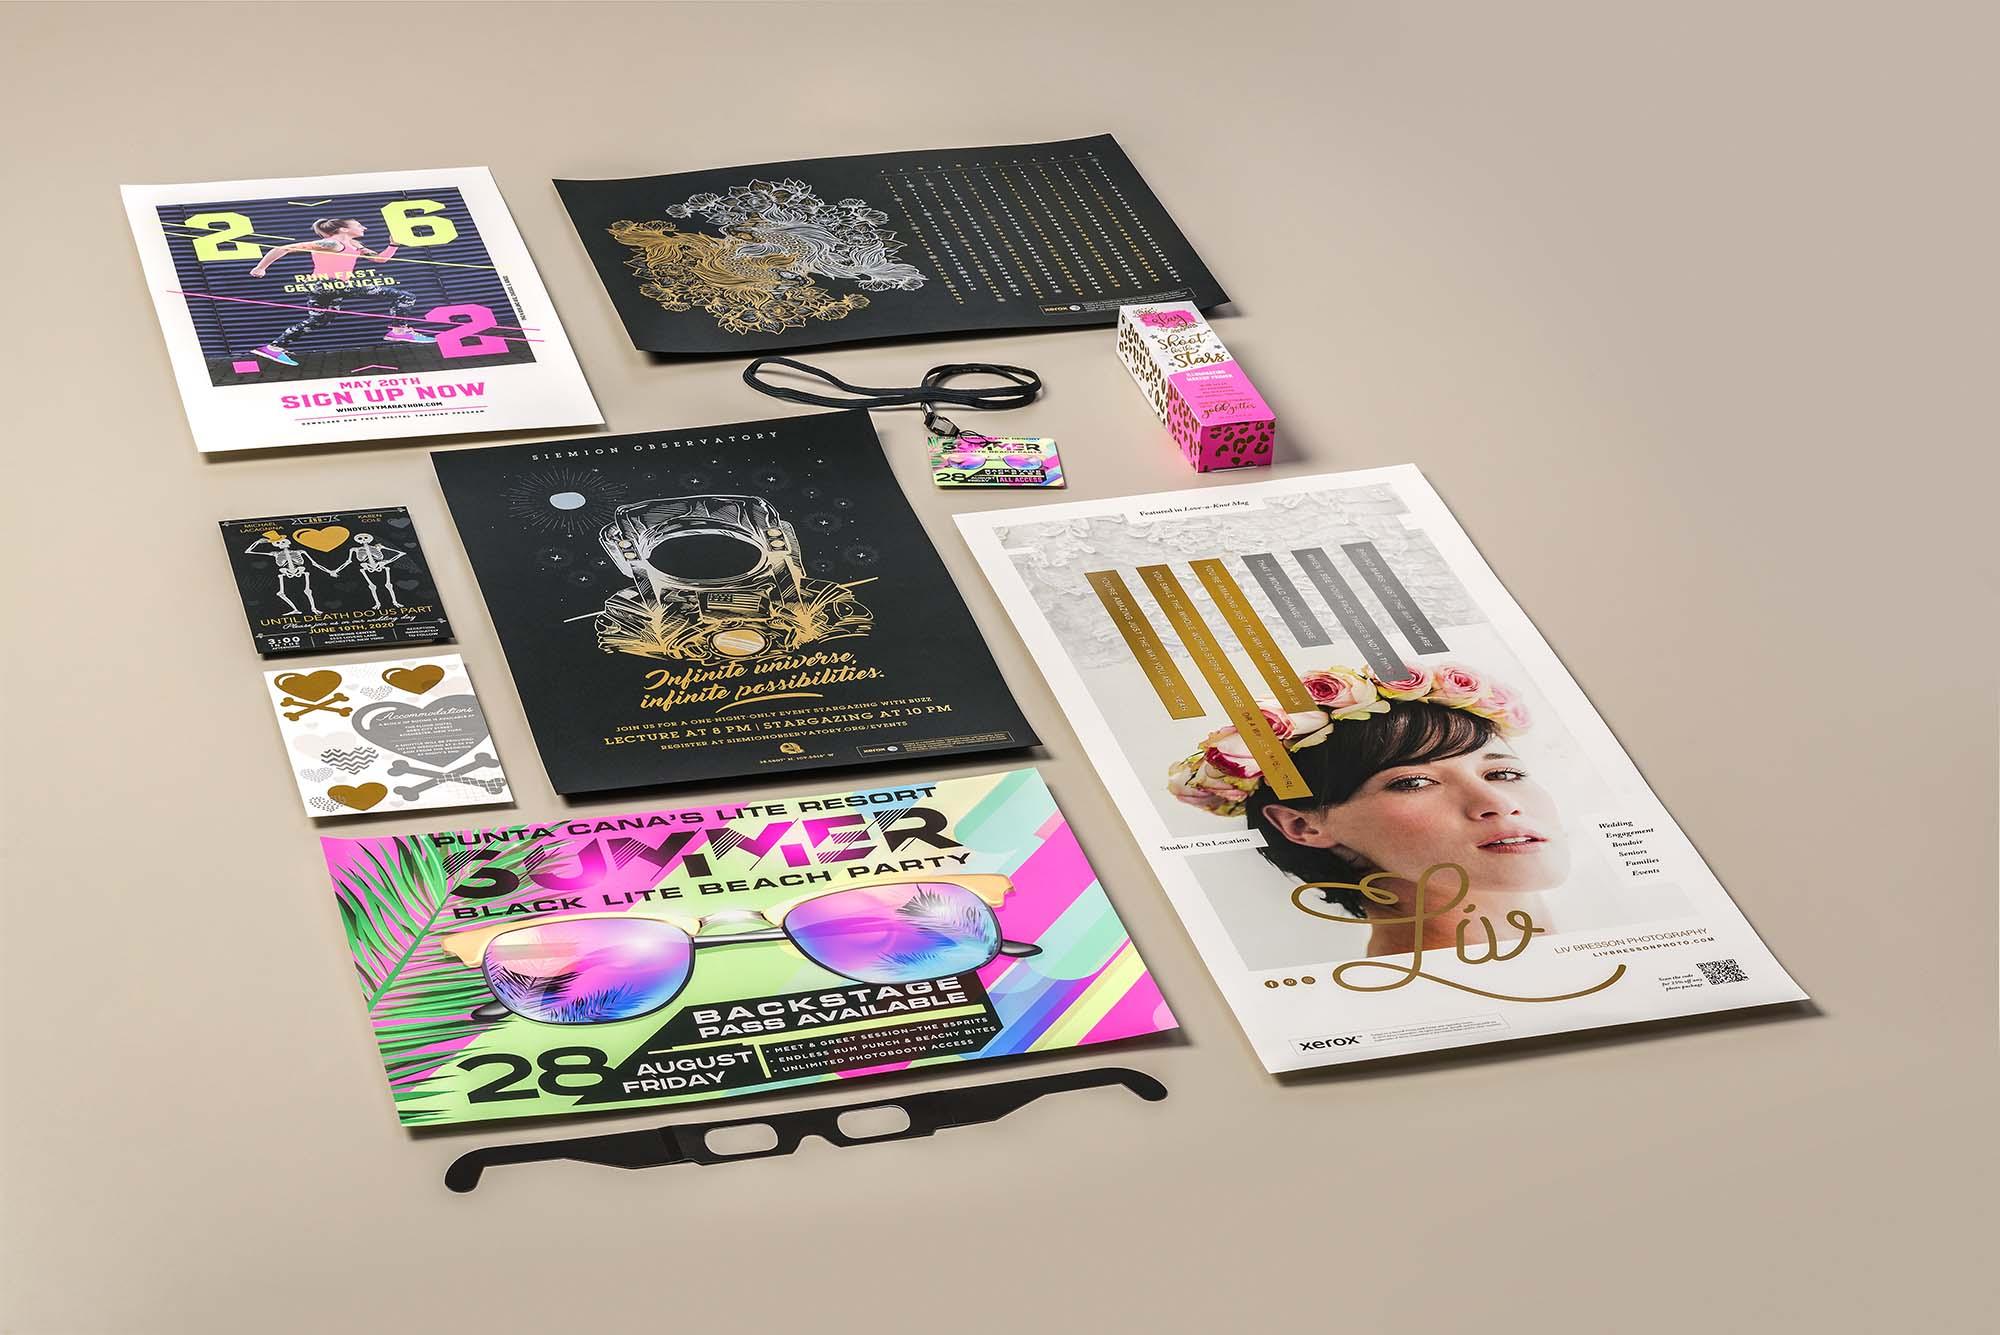 Xerox Adaptive CMYK+ Kit for Xerox Versant, un kit per il mercato della stampa che espande la gamma cromatica a oltre un milione di colori